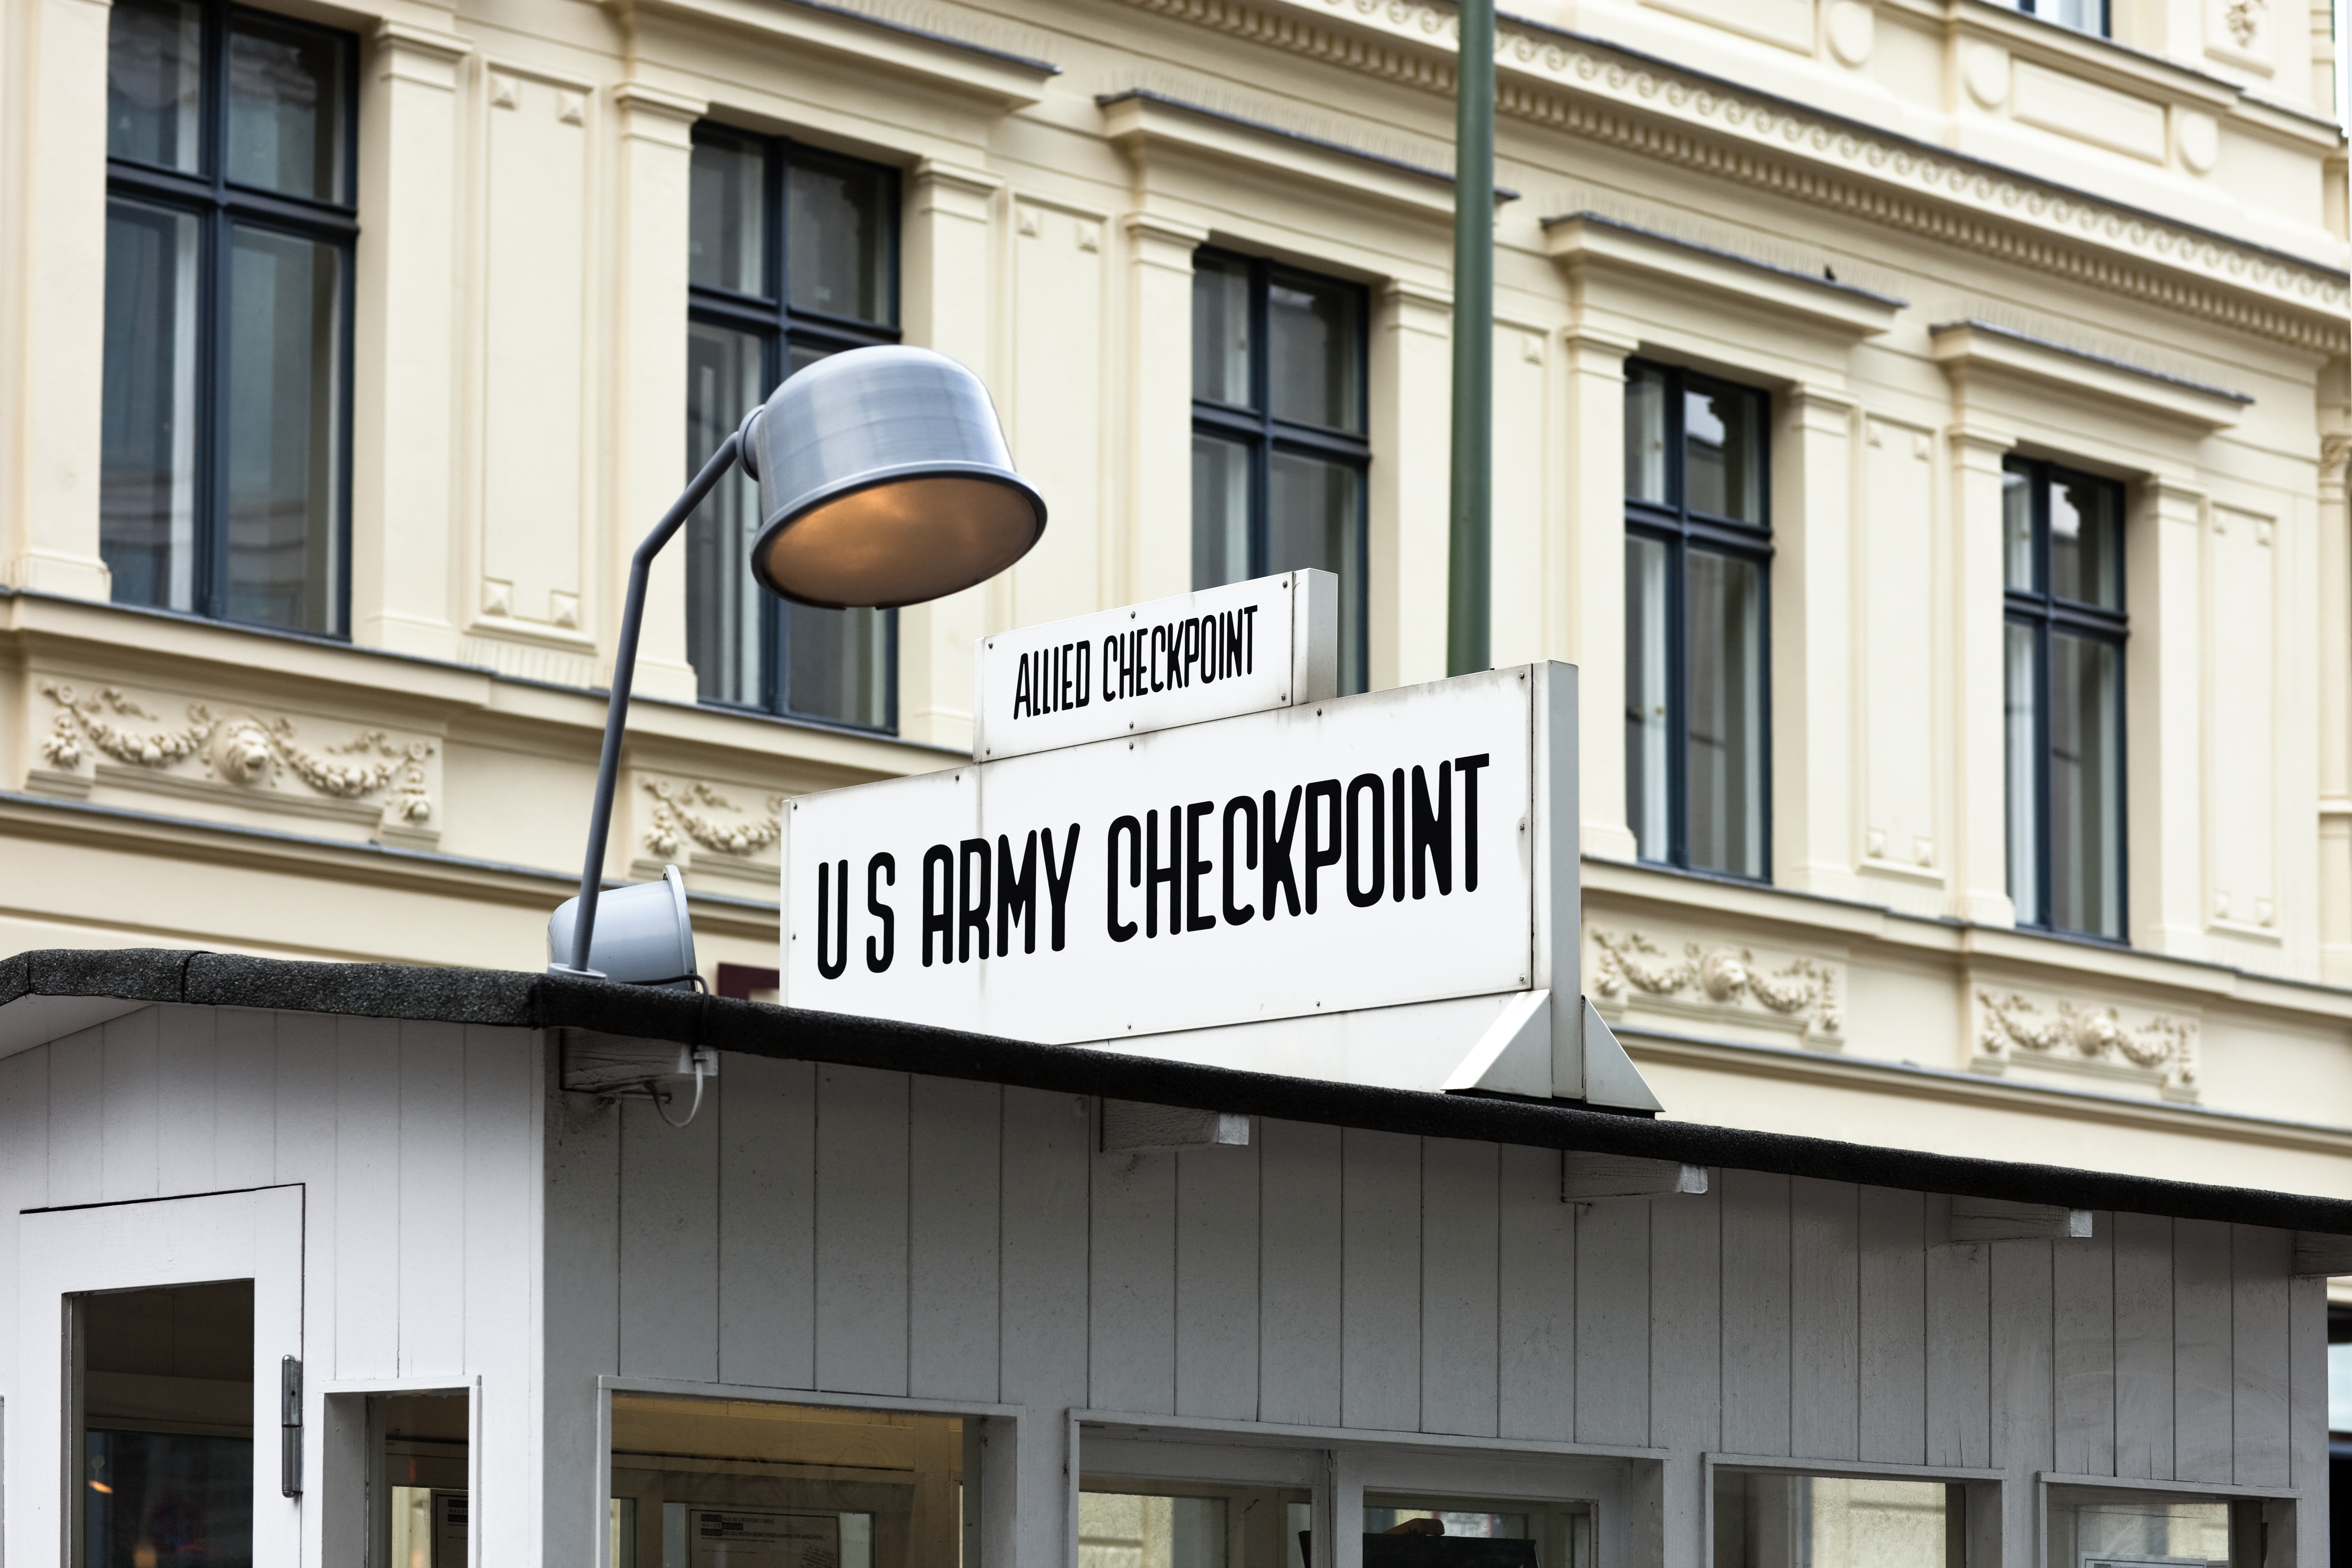 Melyik város turistalátványossága a Checkpoint Charlie környéke?